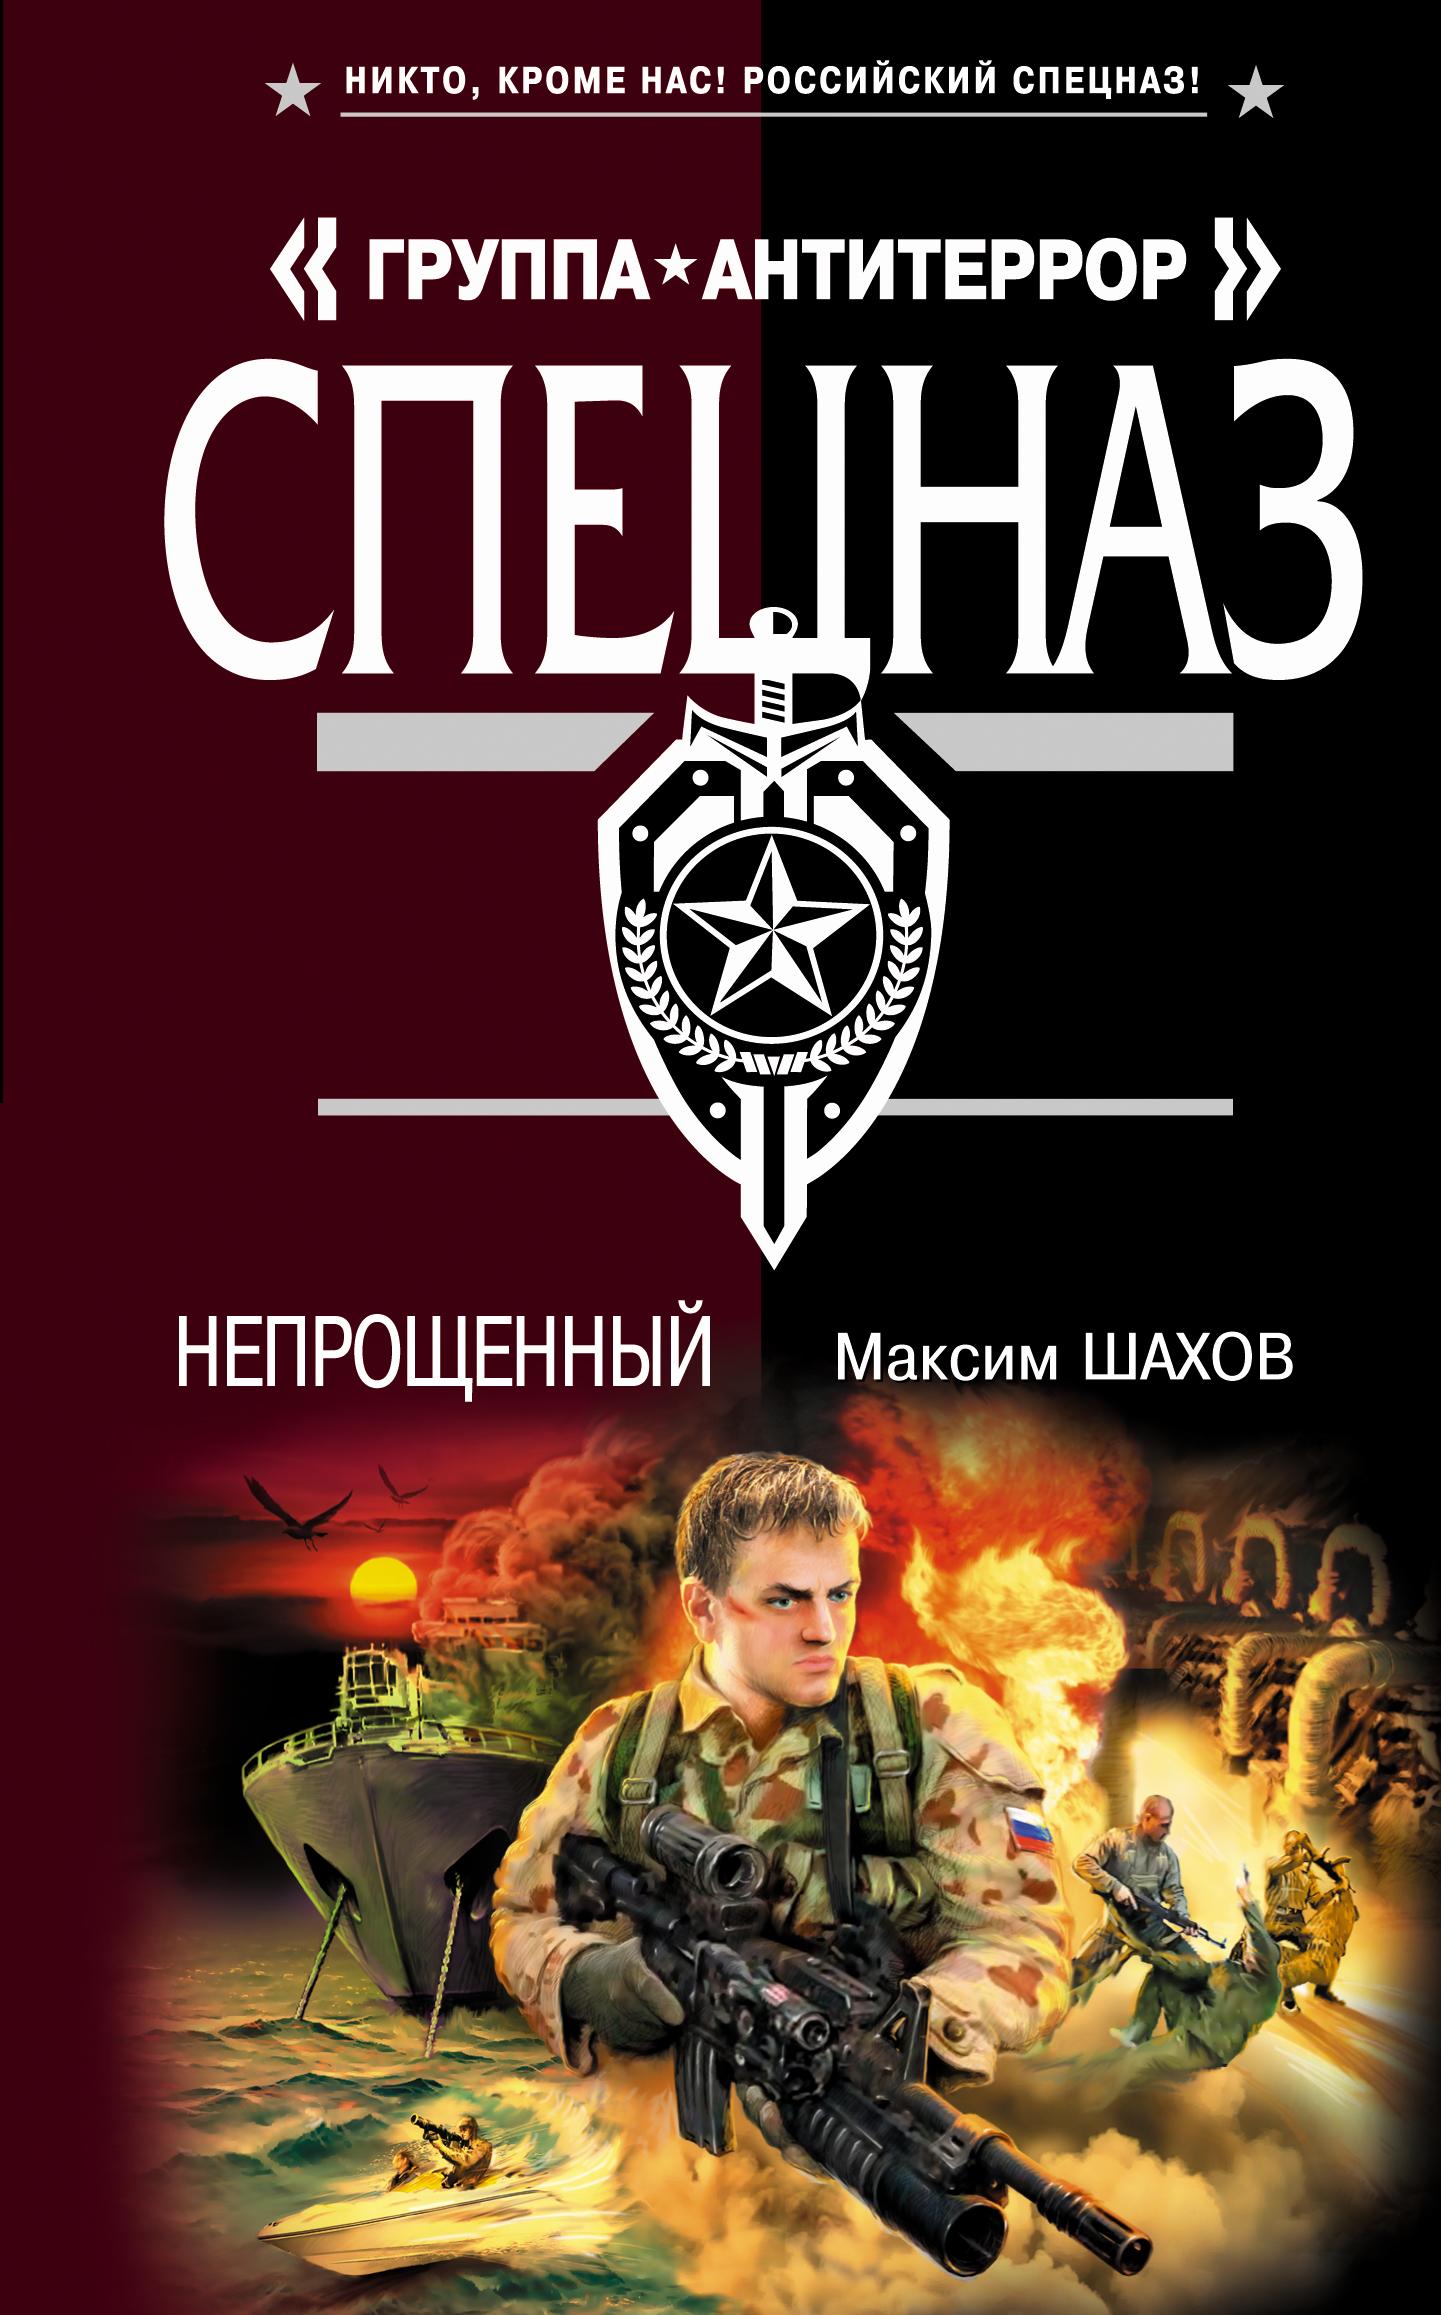 Максим Шахо Непрощенный